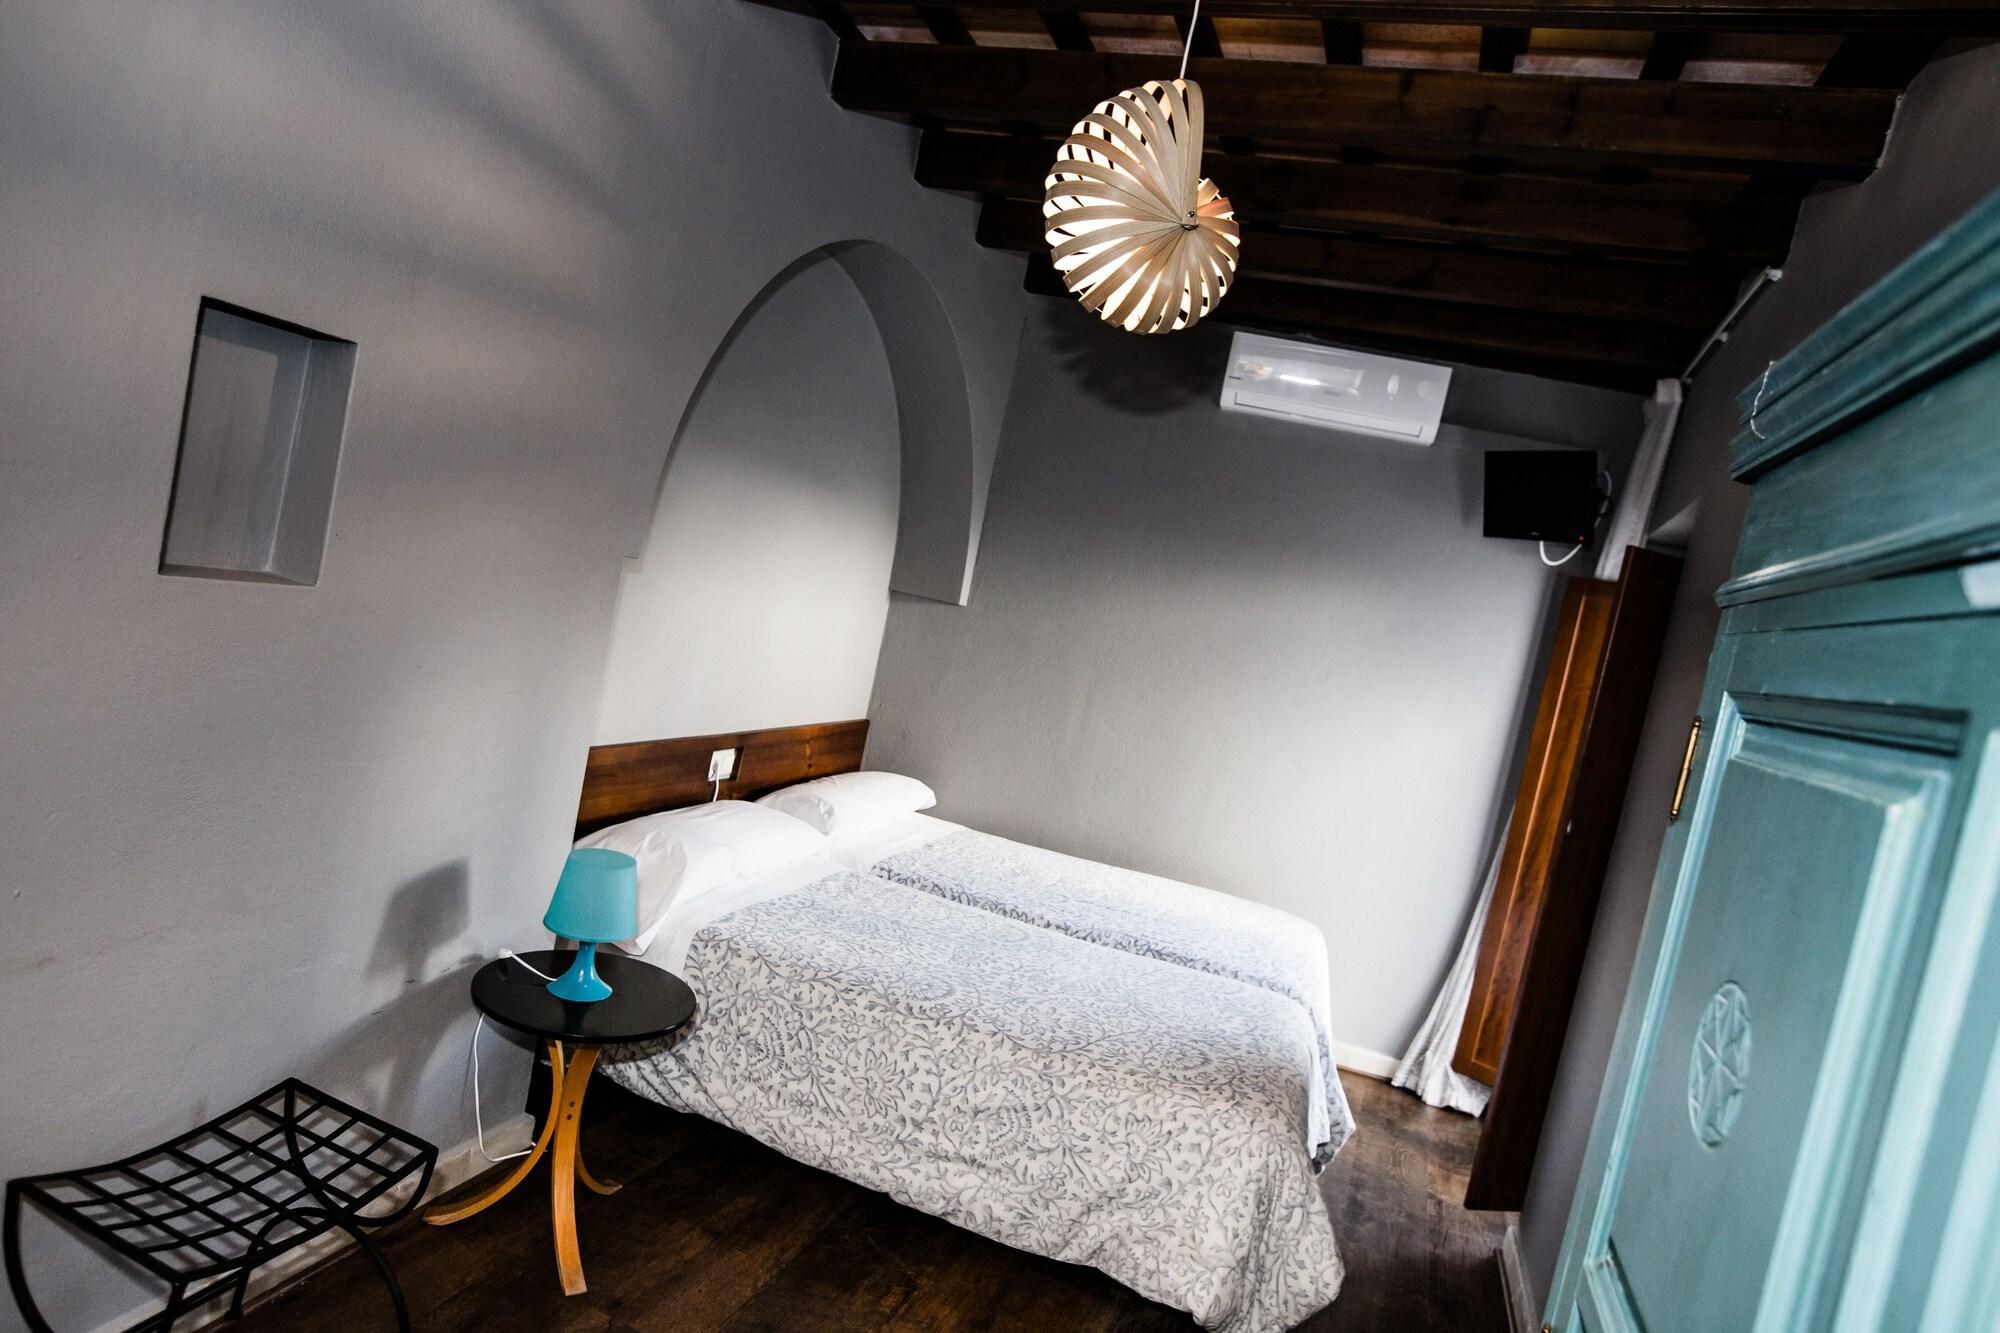 Hôtel Mamora, Tánger: encuentra el mejor precio